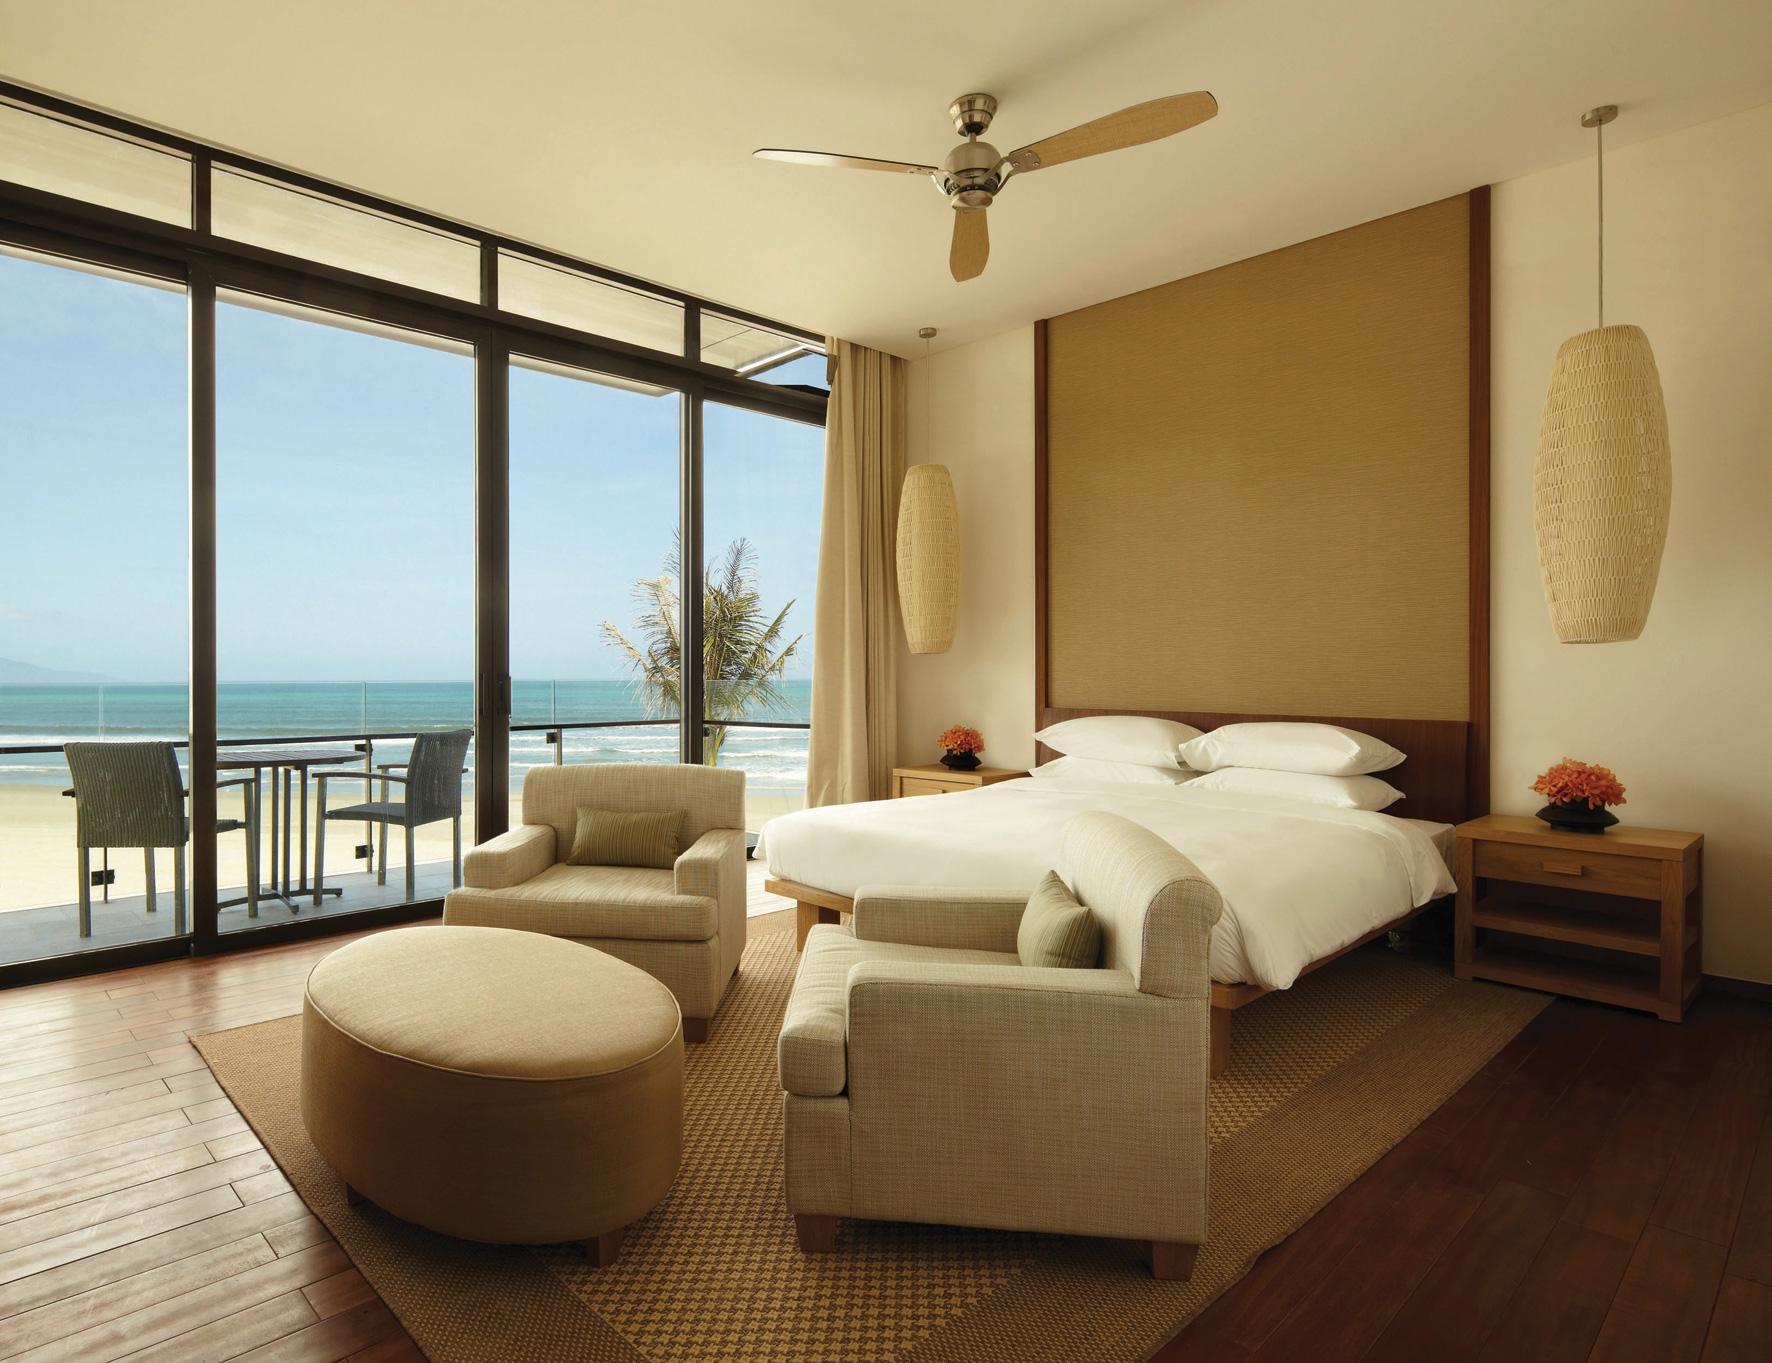 studio chụp quảng cáo nhà hàng khách sạn đẹp sg